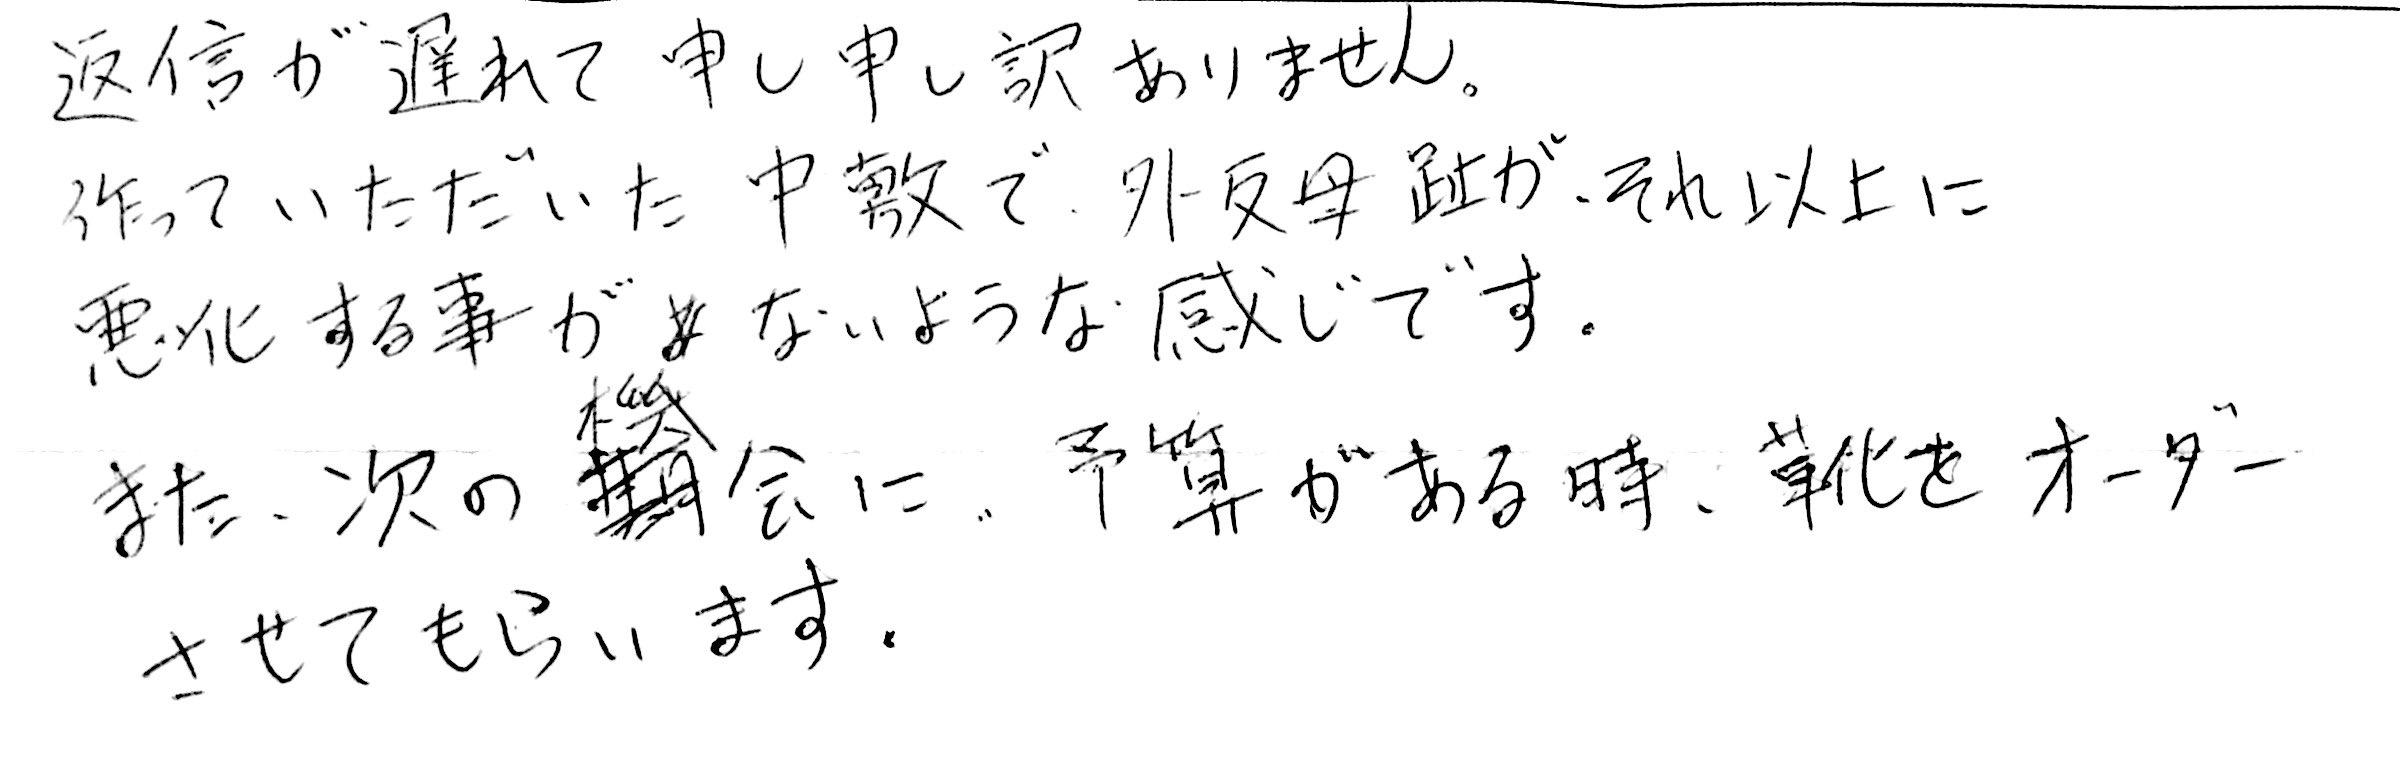 岐阜県をはじめ、愛知、三重、長野県からもお越しいただいています。美濃加茂市 安全靴の仕事。インソール(中敷き)で外反母趾の痛みから解放された。